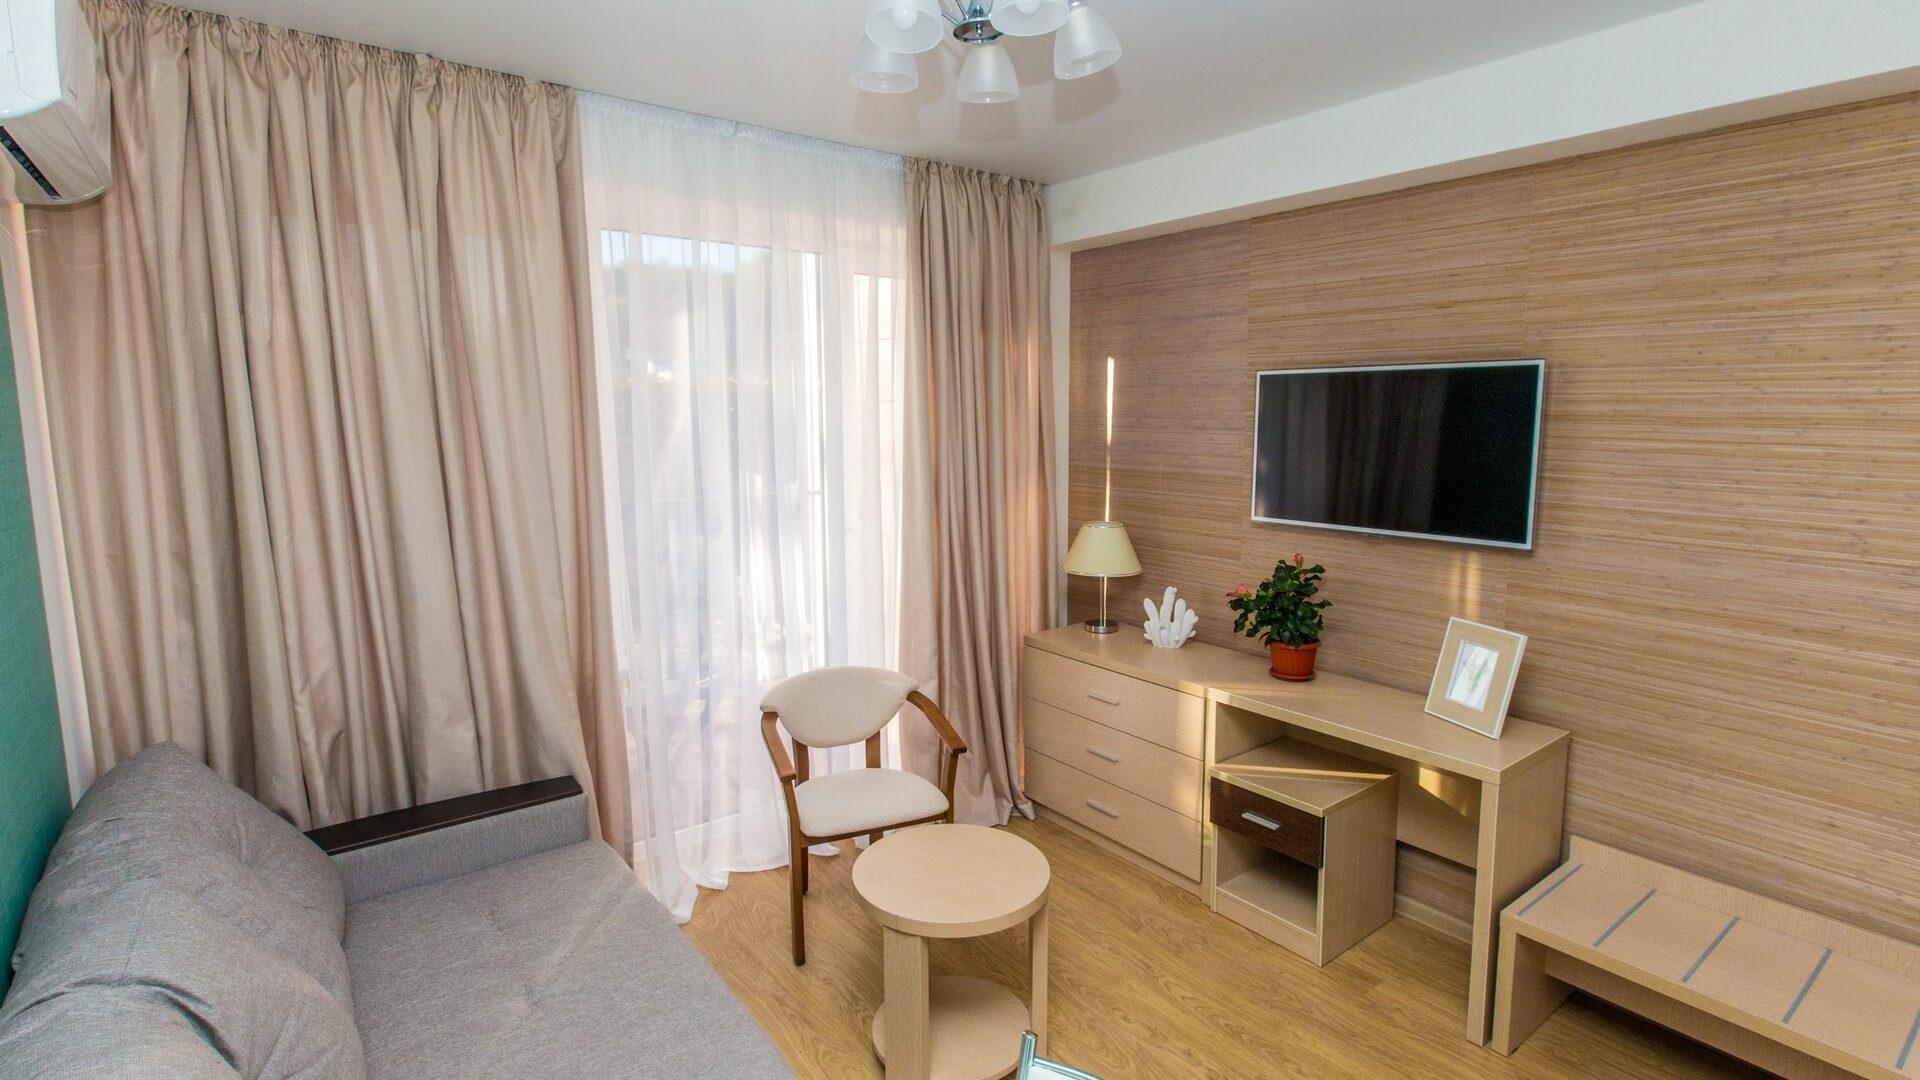 Апартаменты в самом масштабном апартаментом комлексе - image Apartamenty-v-samom-masshtabnom-apartamentom-komlekse-3 on http://bizneskvartal.ru